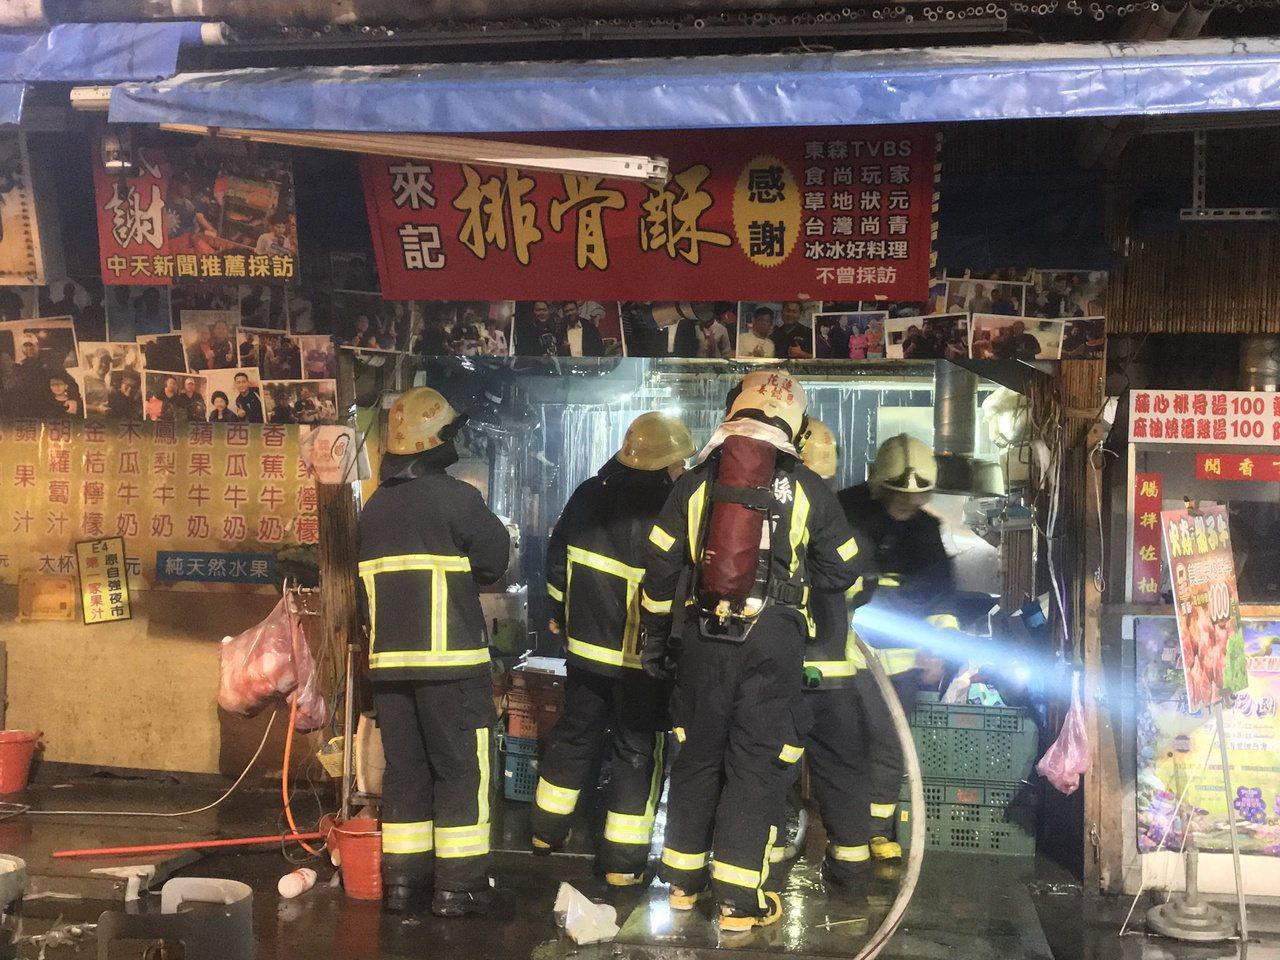 東大門夜市失火,疑似排油煙機釀禍。記者王思慧/攝影